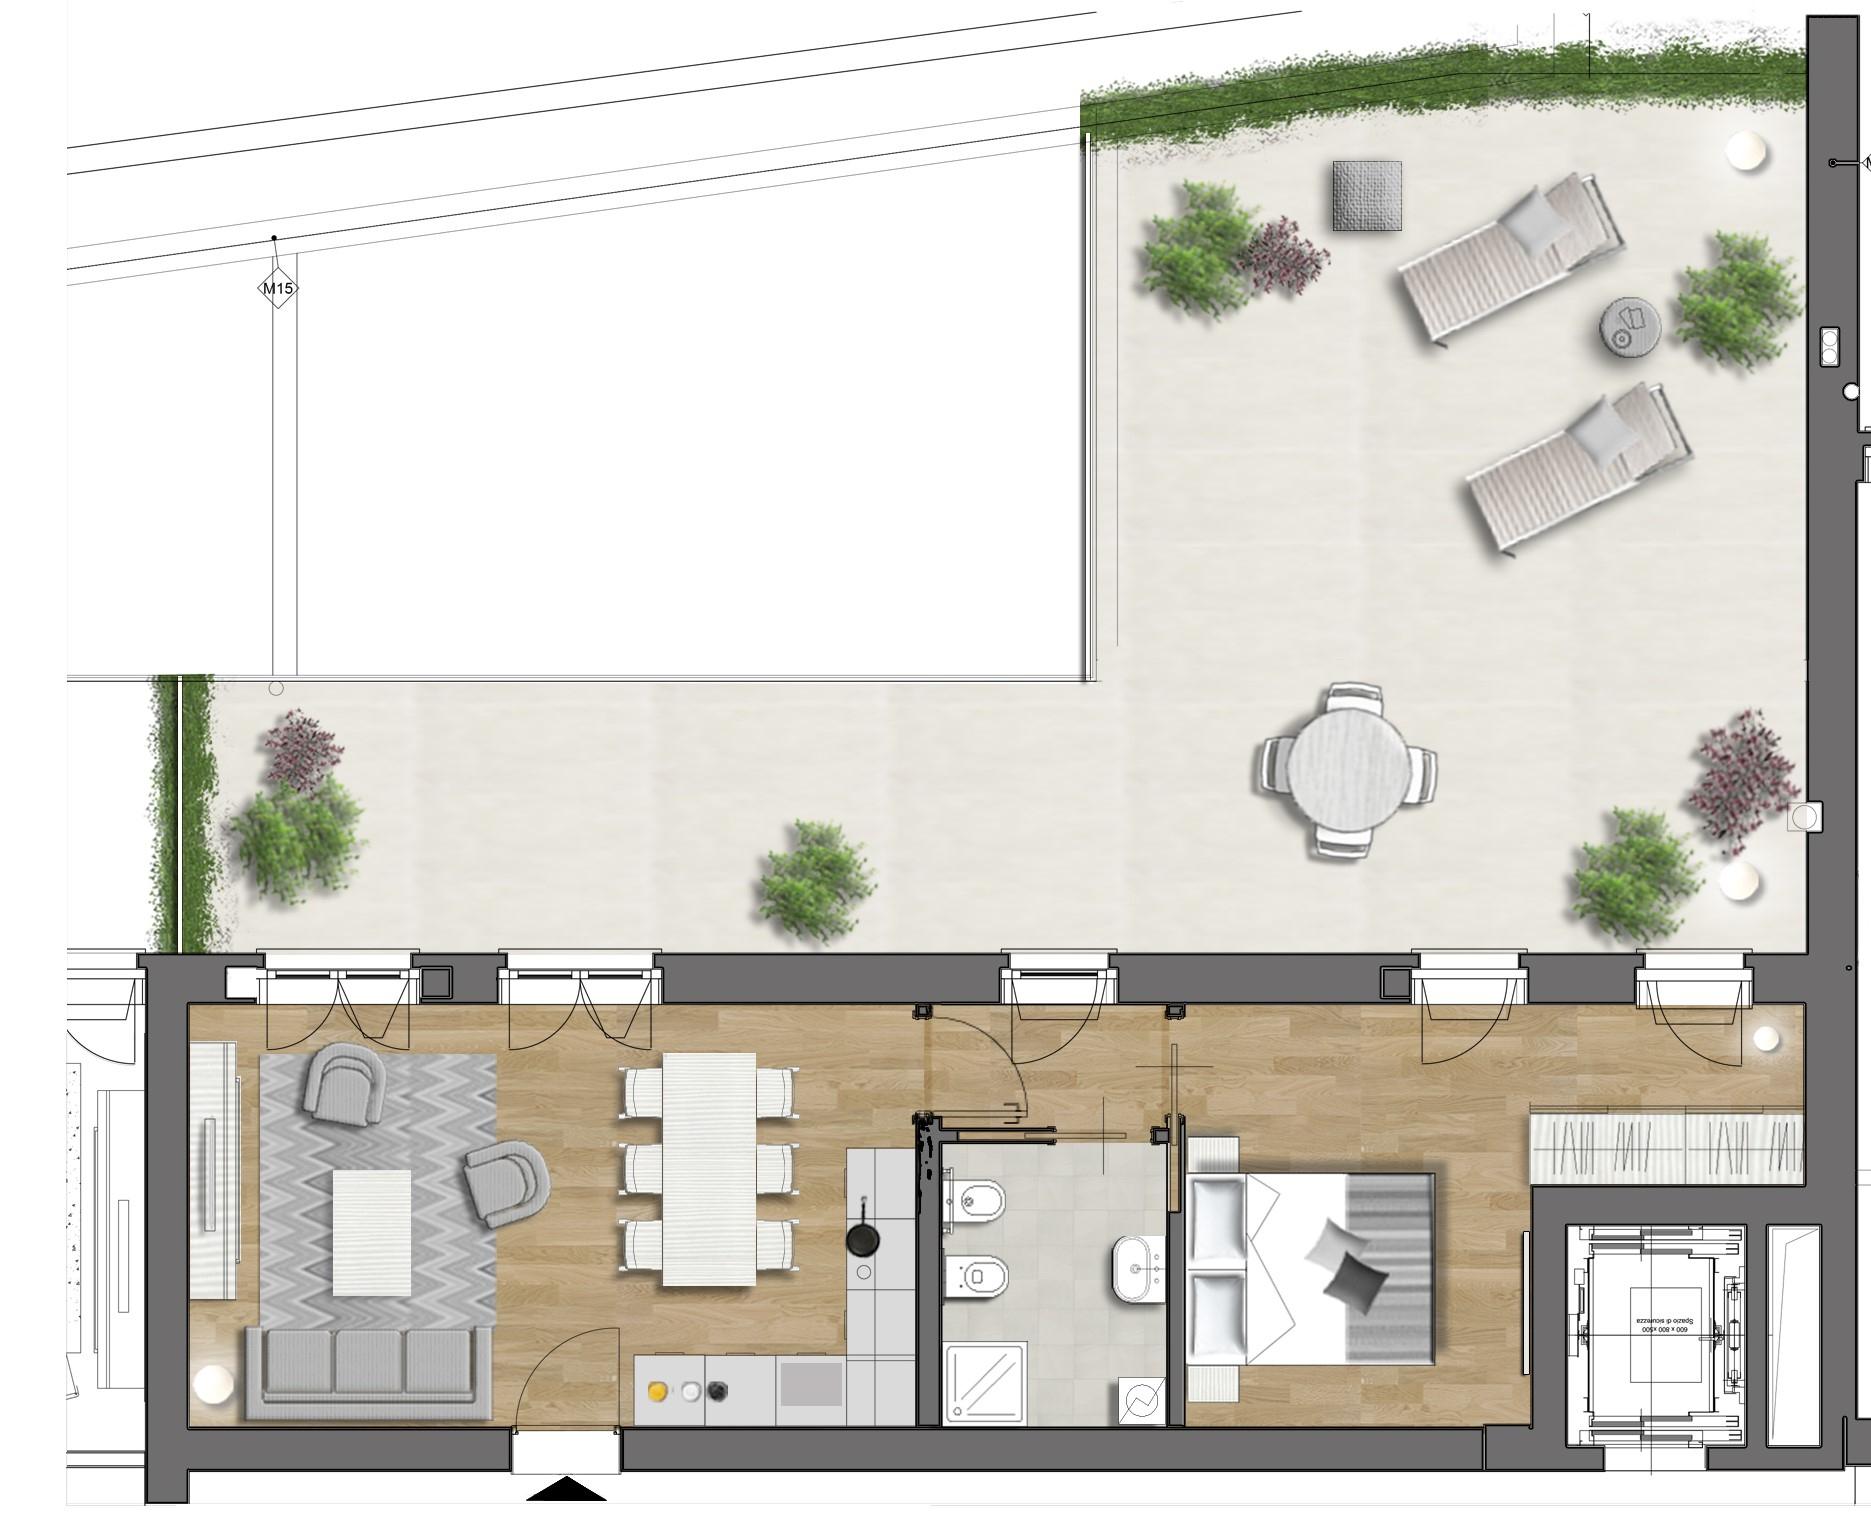 Appartamento in vendita a Trieste, 2 locali, zona Località: Zonedipregio, prezzo € 260.000 | PortaleAgenzieImmobiliari.it